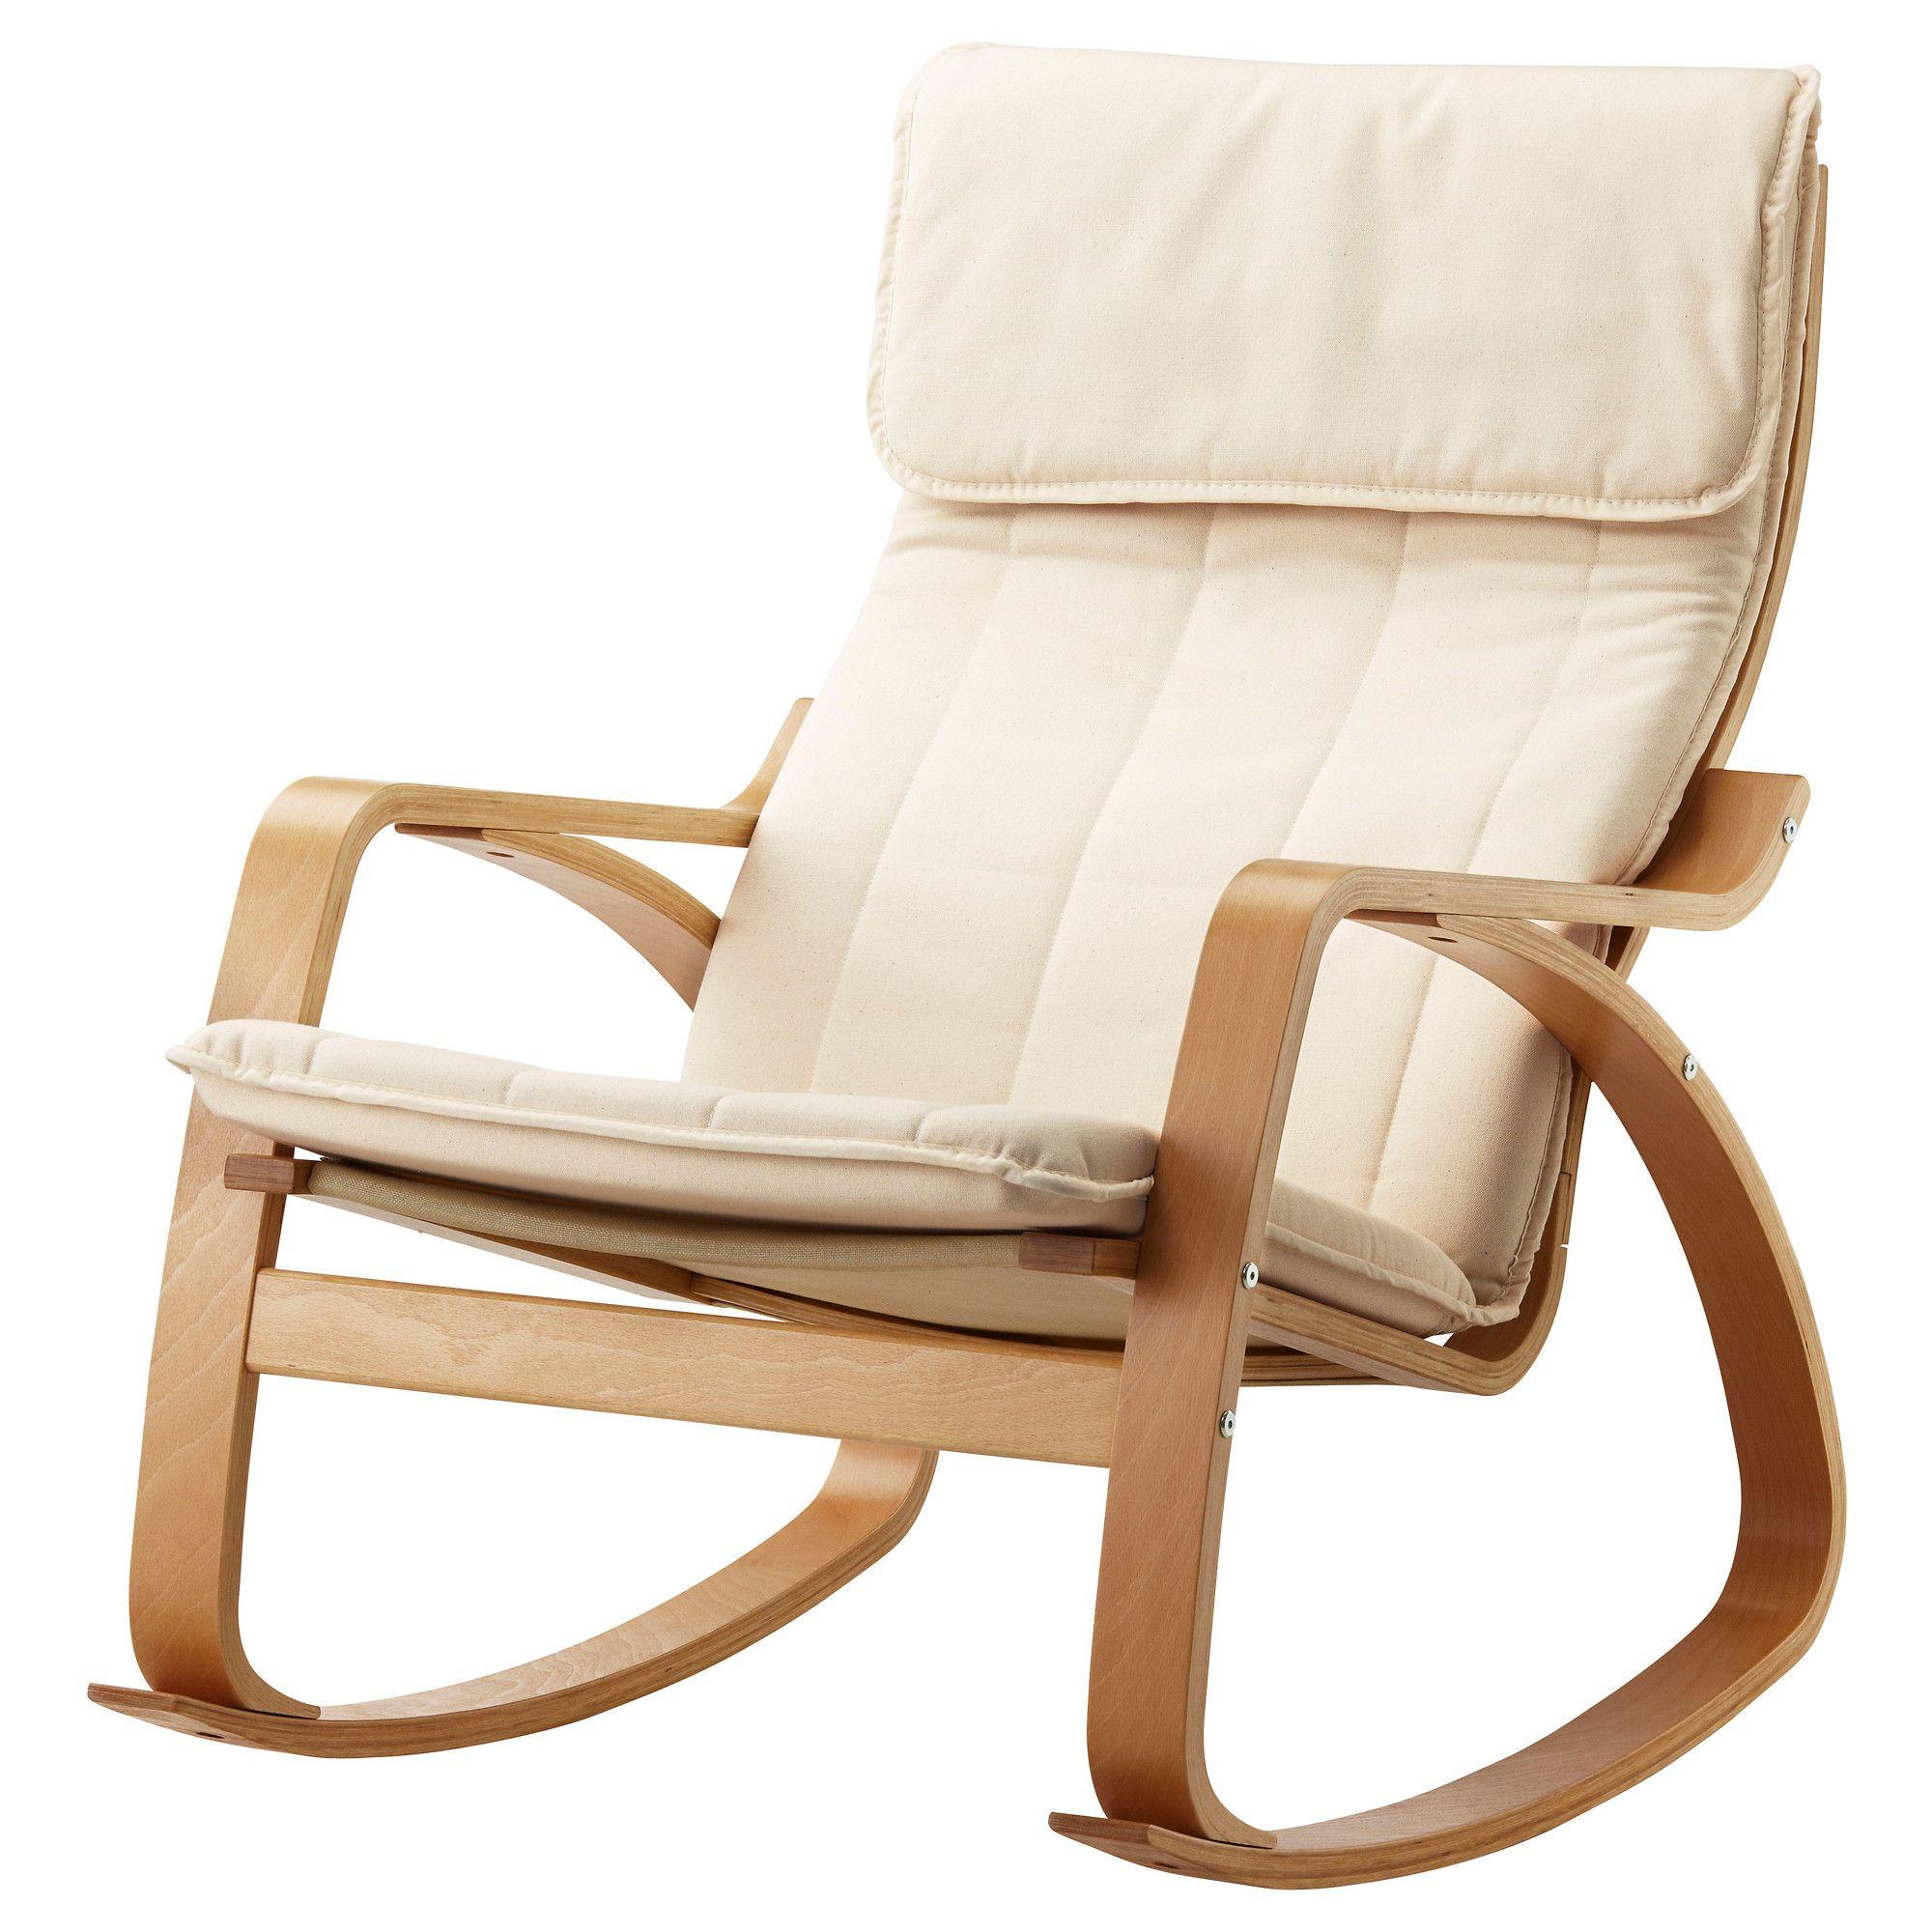 Mobilier Et Decoration Interieur Et Exterieur Chaises Bercantes Modernes Fauteuil Chambre Bebe Chaise A Bascule